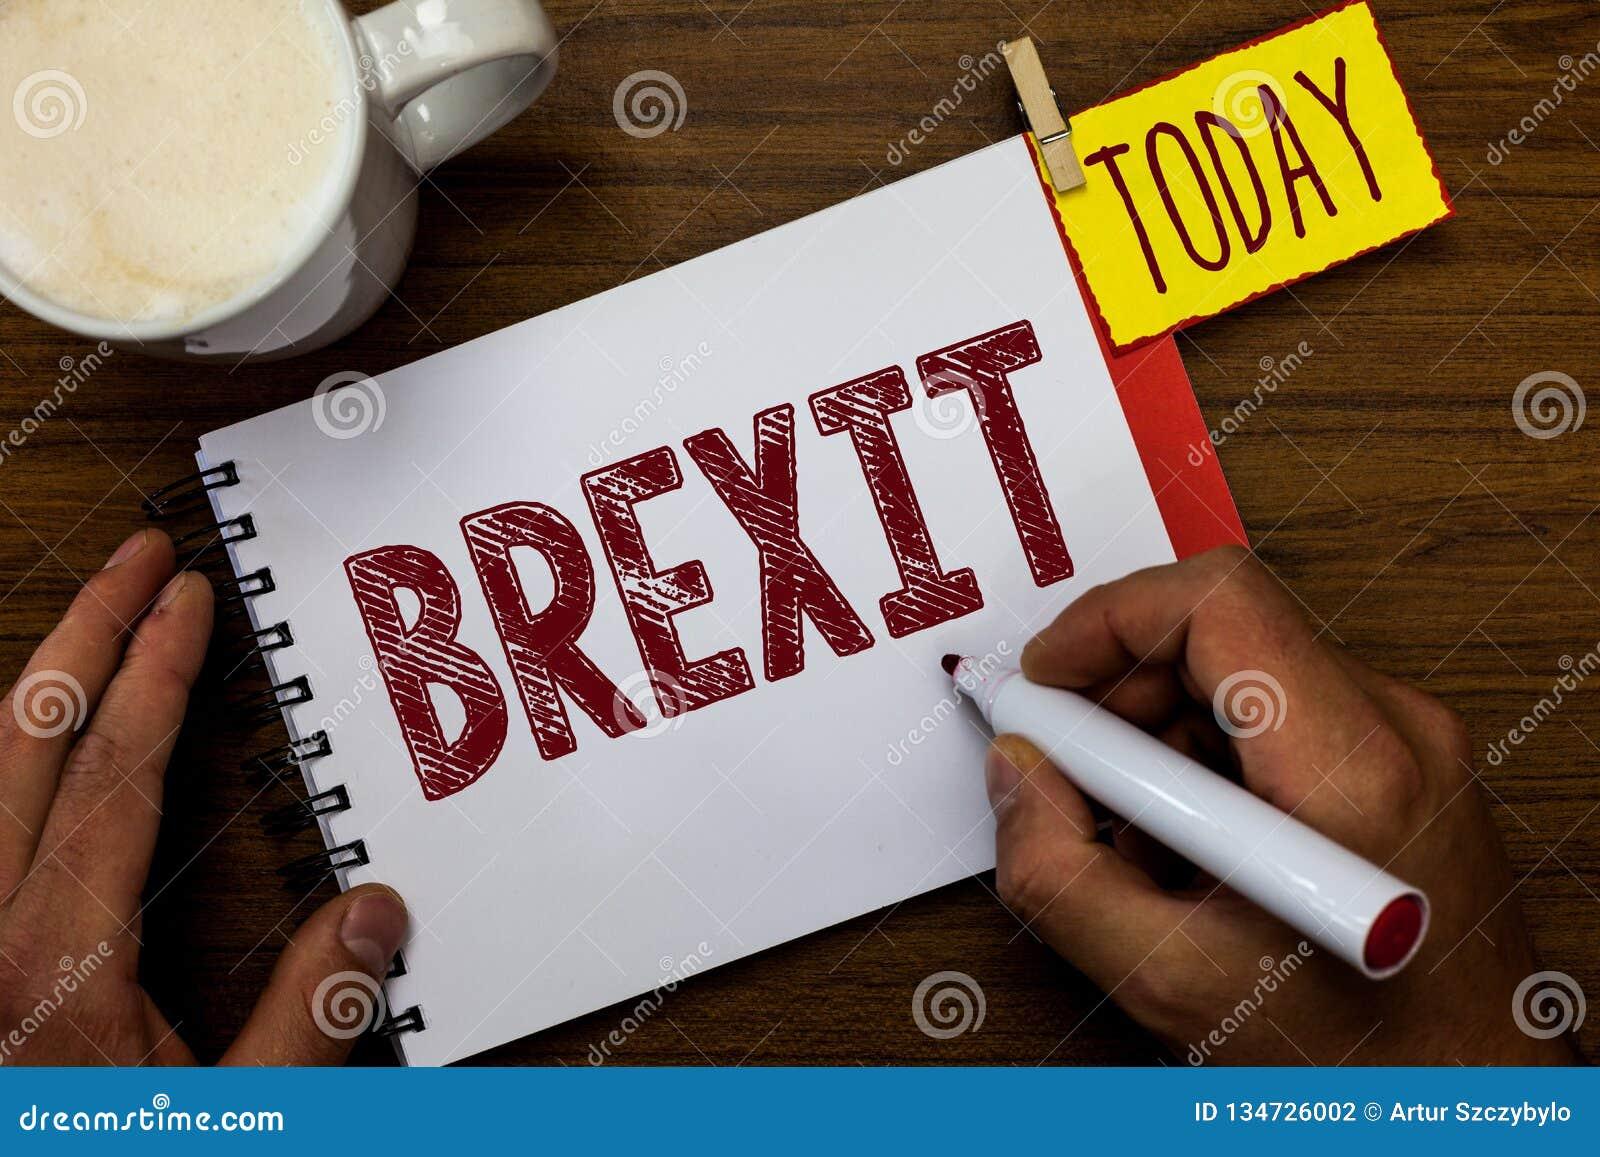 Pisać nutowym pokazuje Brexit Biznesowa fotografia pokazuje terminu potencjalnego odjazd Zjednoczone Królestwo od Europejskiego z